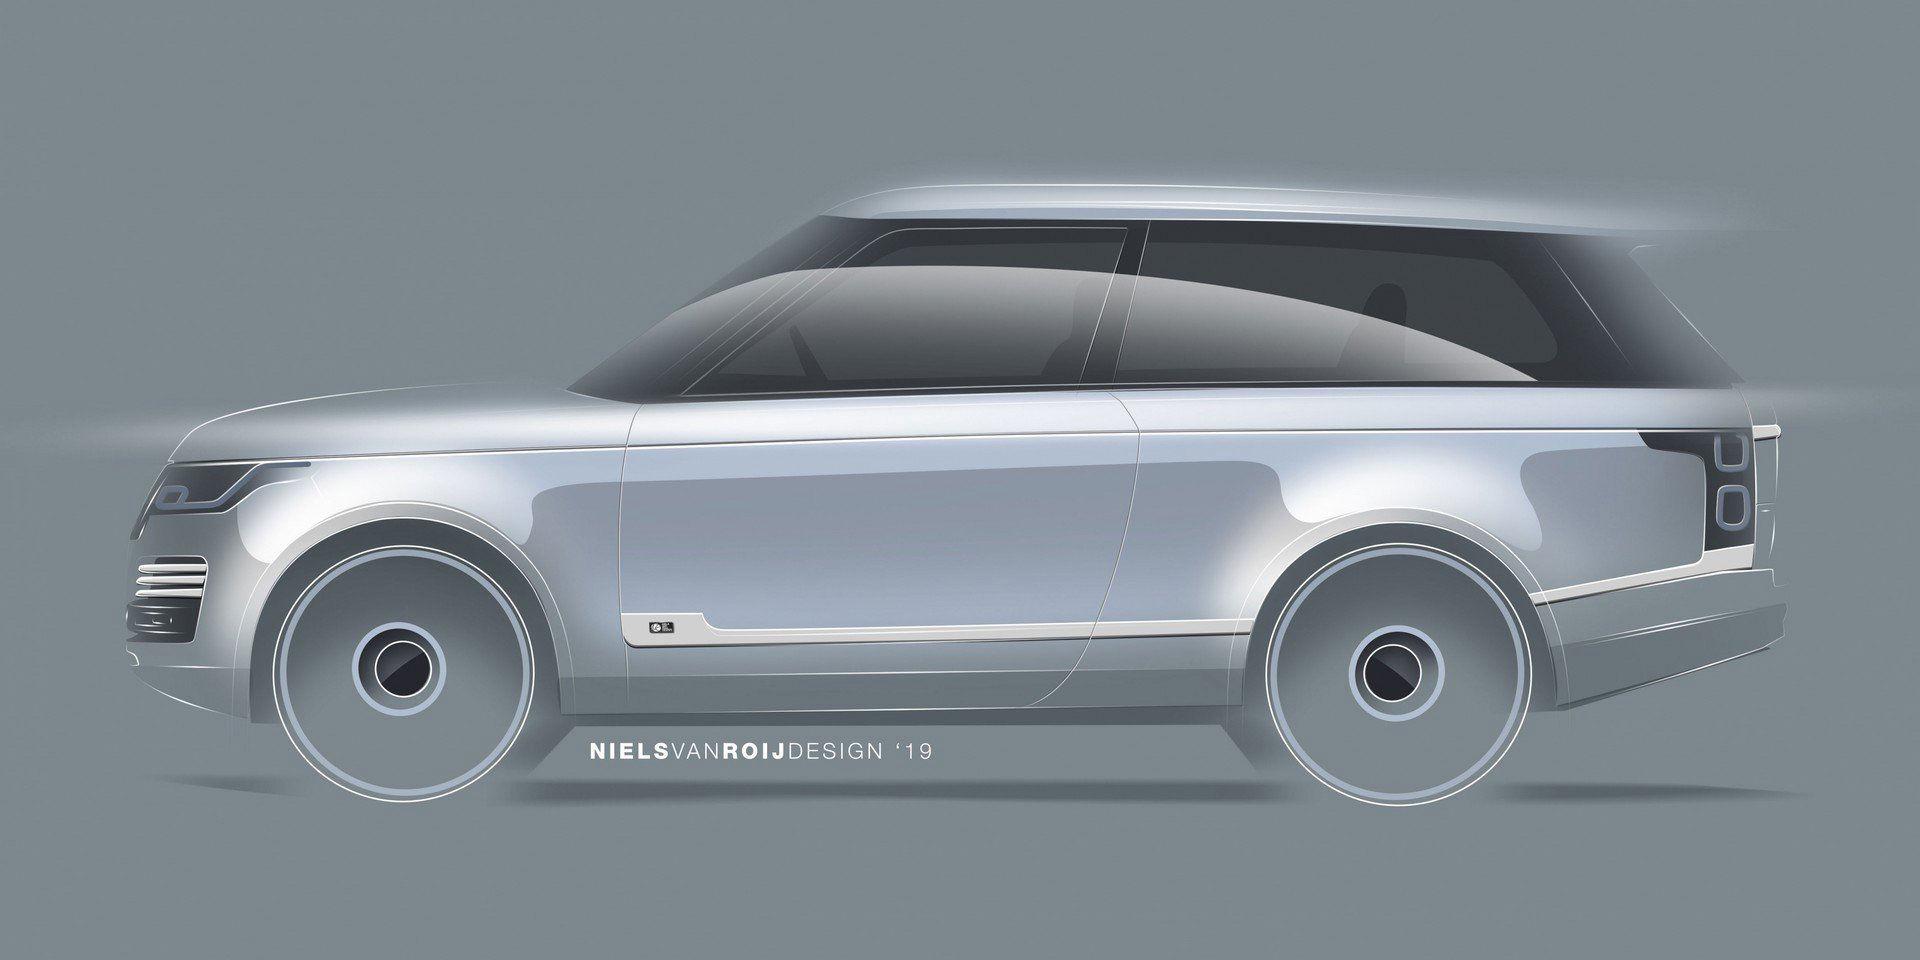 Niels van Roij Design bygger coupé av Range Rover